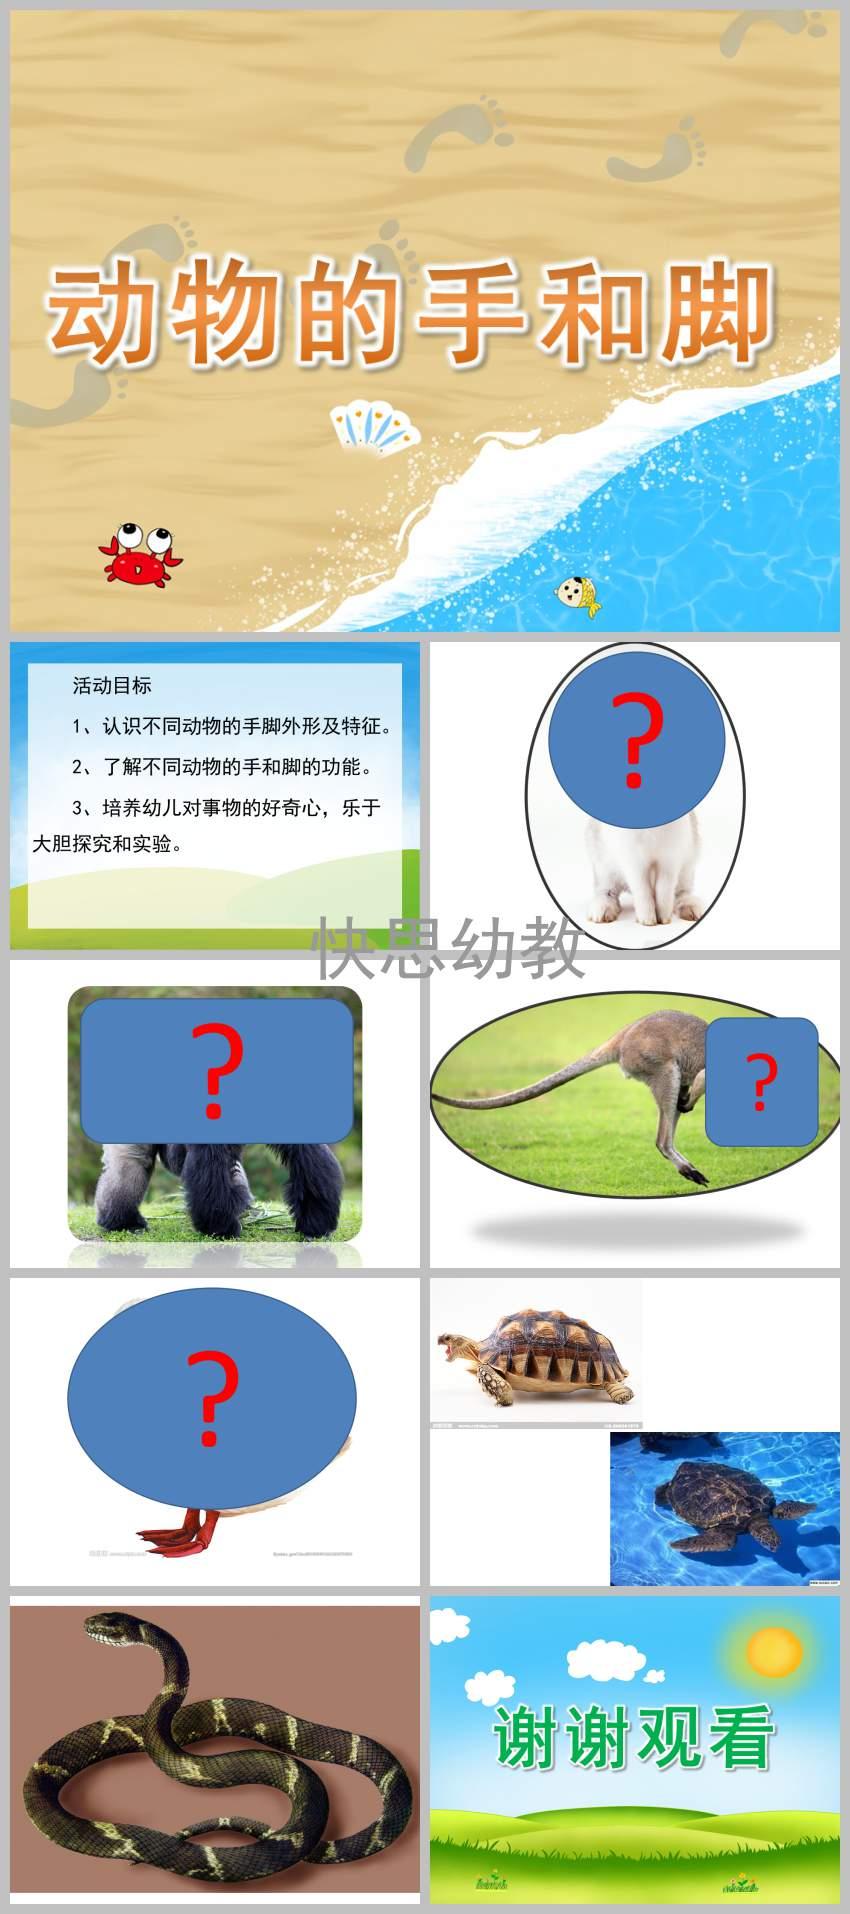 幼儿园小班科学 动物的手和脚 PPT课件教案下载 快思幼教网